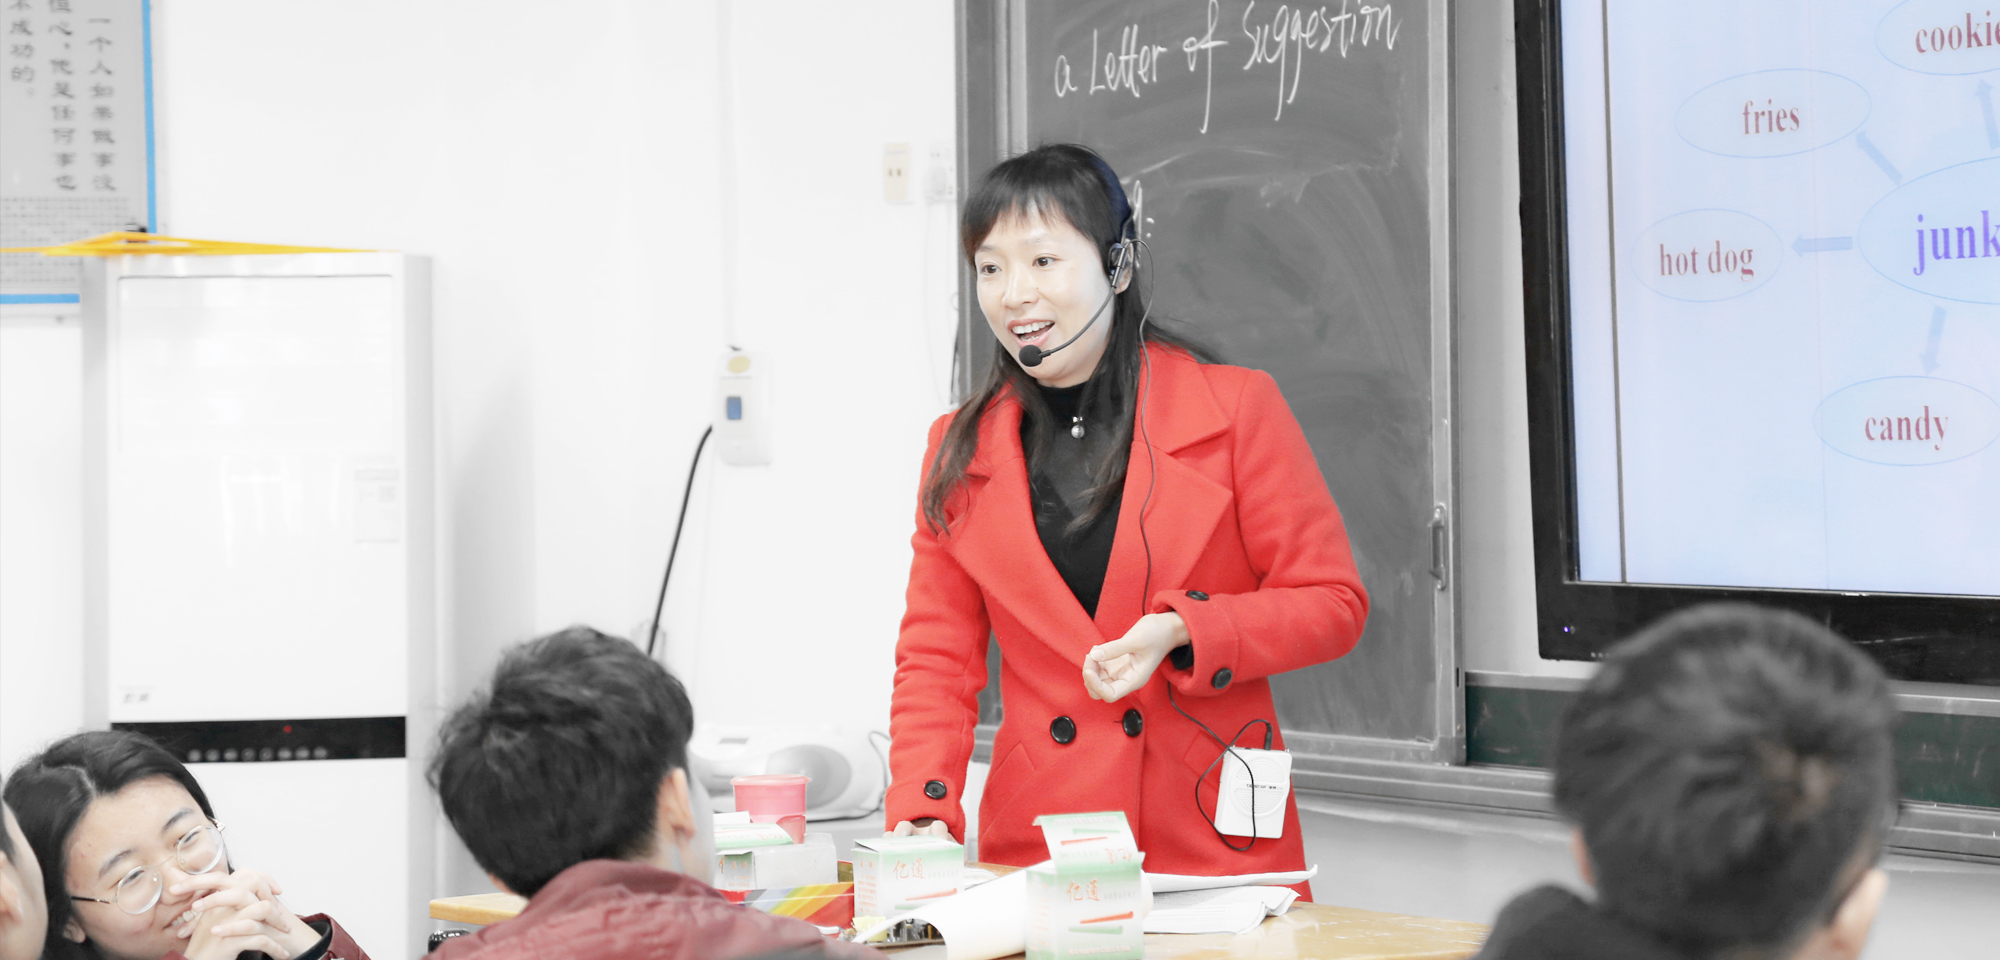 很多教师都在探索怎么样的课堂才是好课堂,答案是丰富多彩的,也是见仁见智的